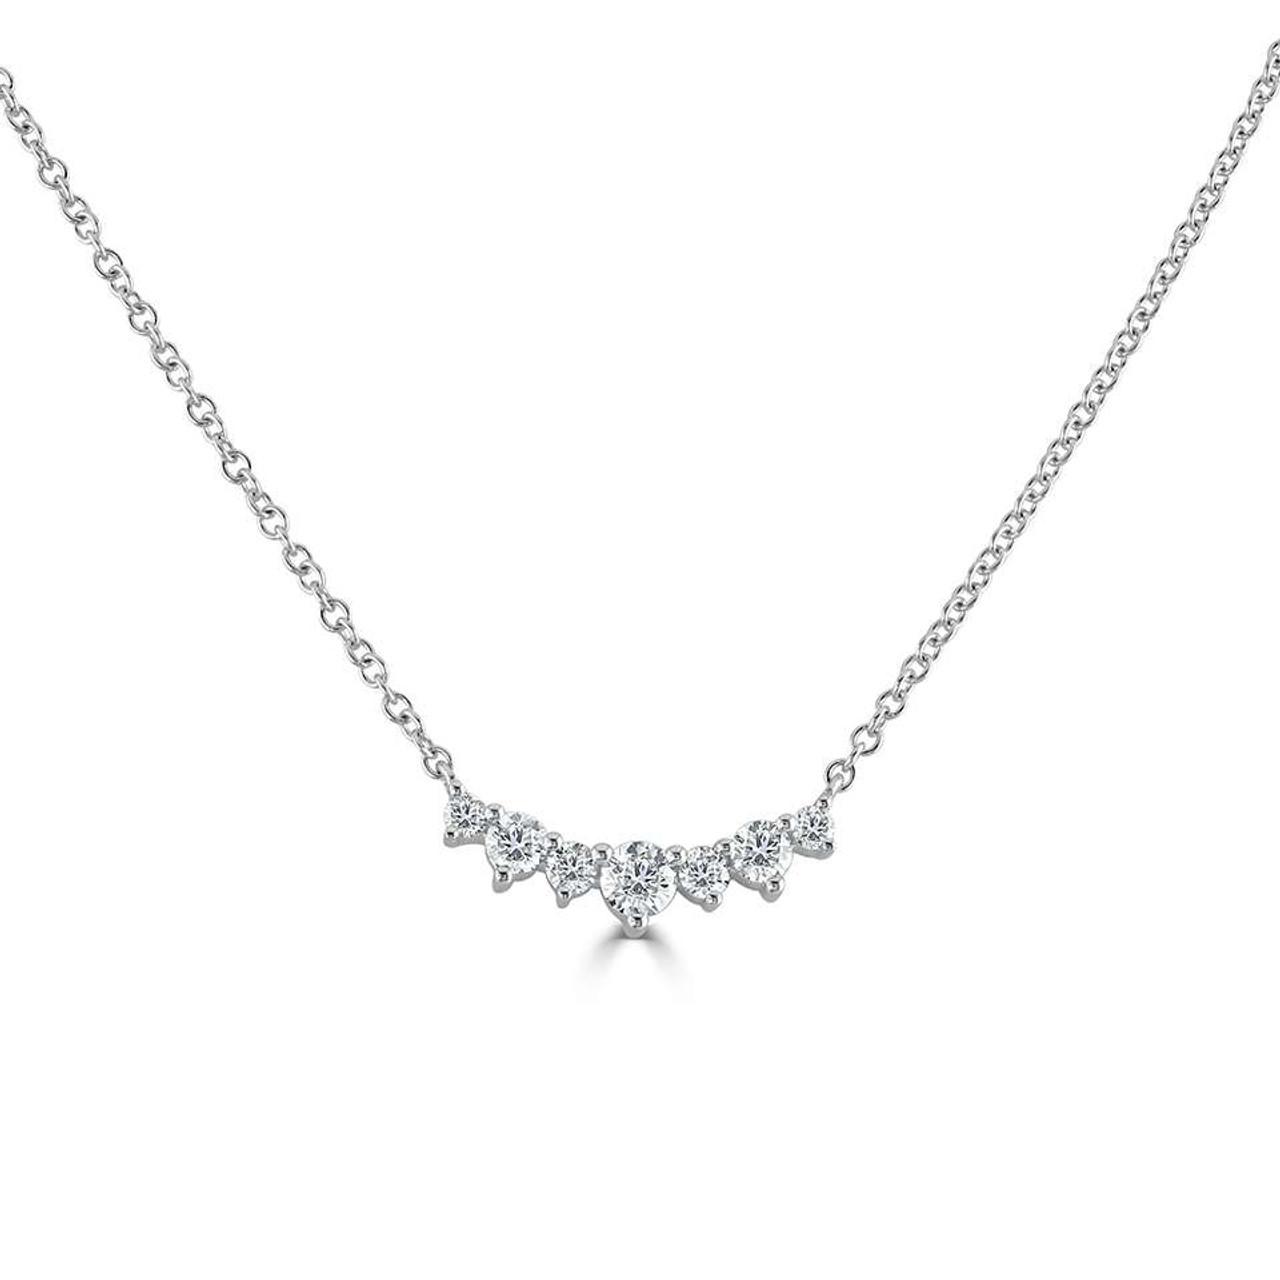 18ct White Gold Diamond Tiara Necklace